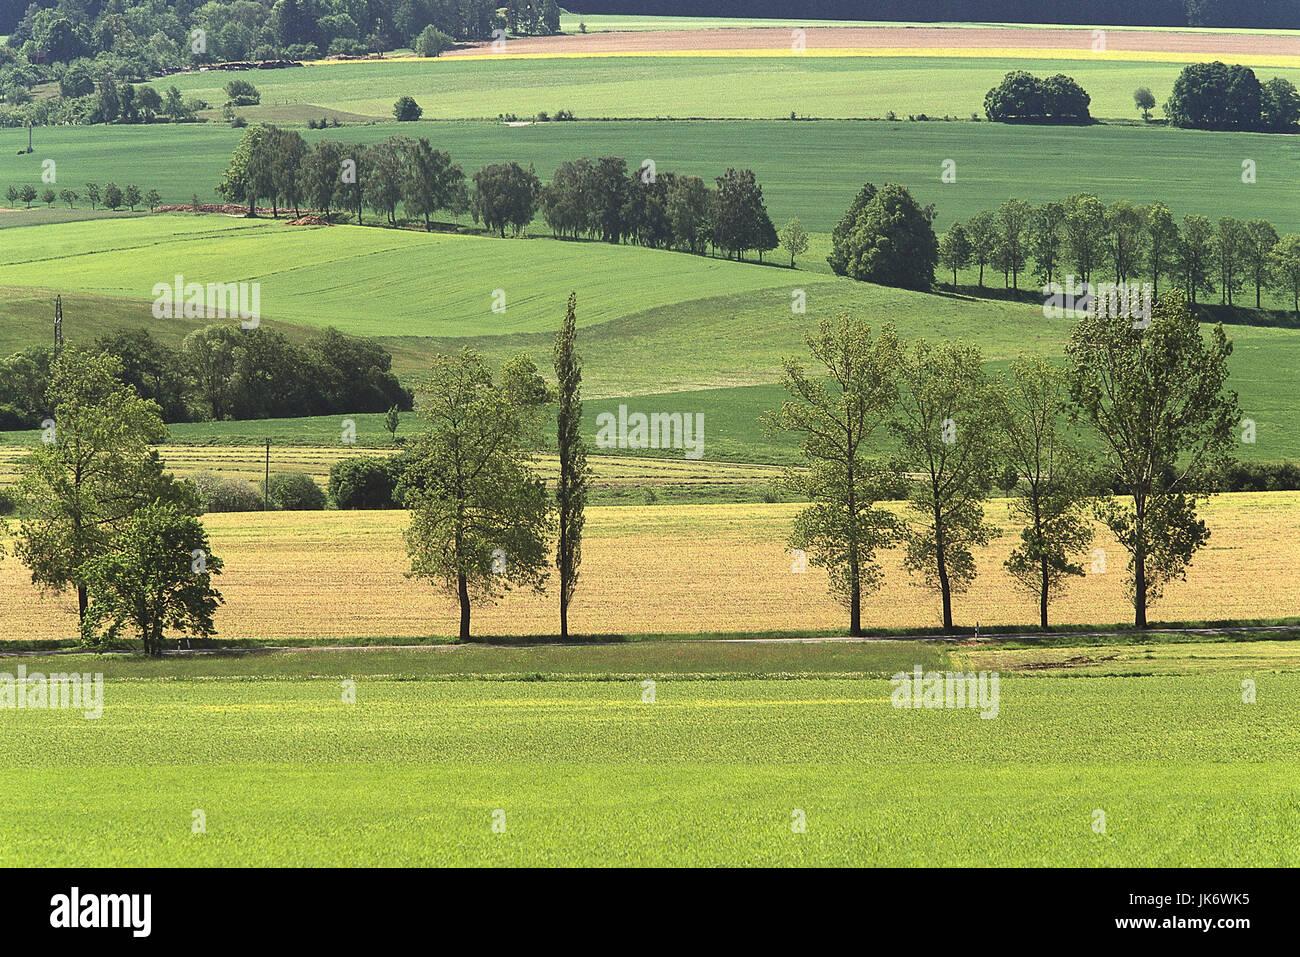 Tschechische Republik, Südböhmen,  Kamen, Feldlandschaft, Bäume  Europa, Osteuropa, Tschechien, Ceská - Stock Image